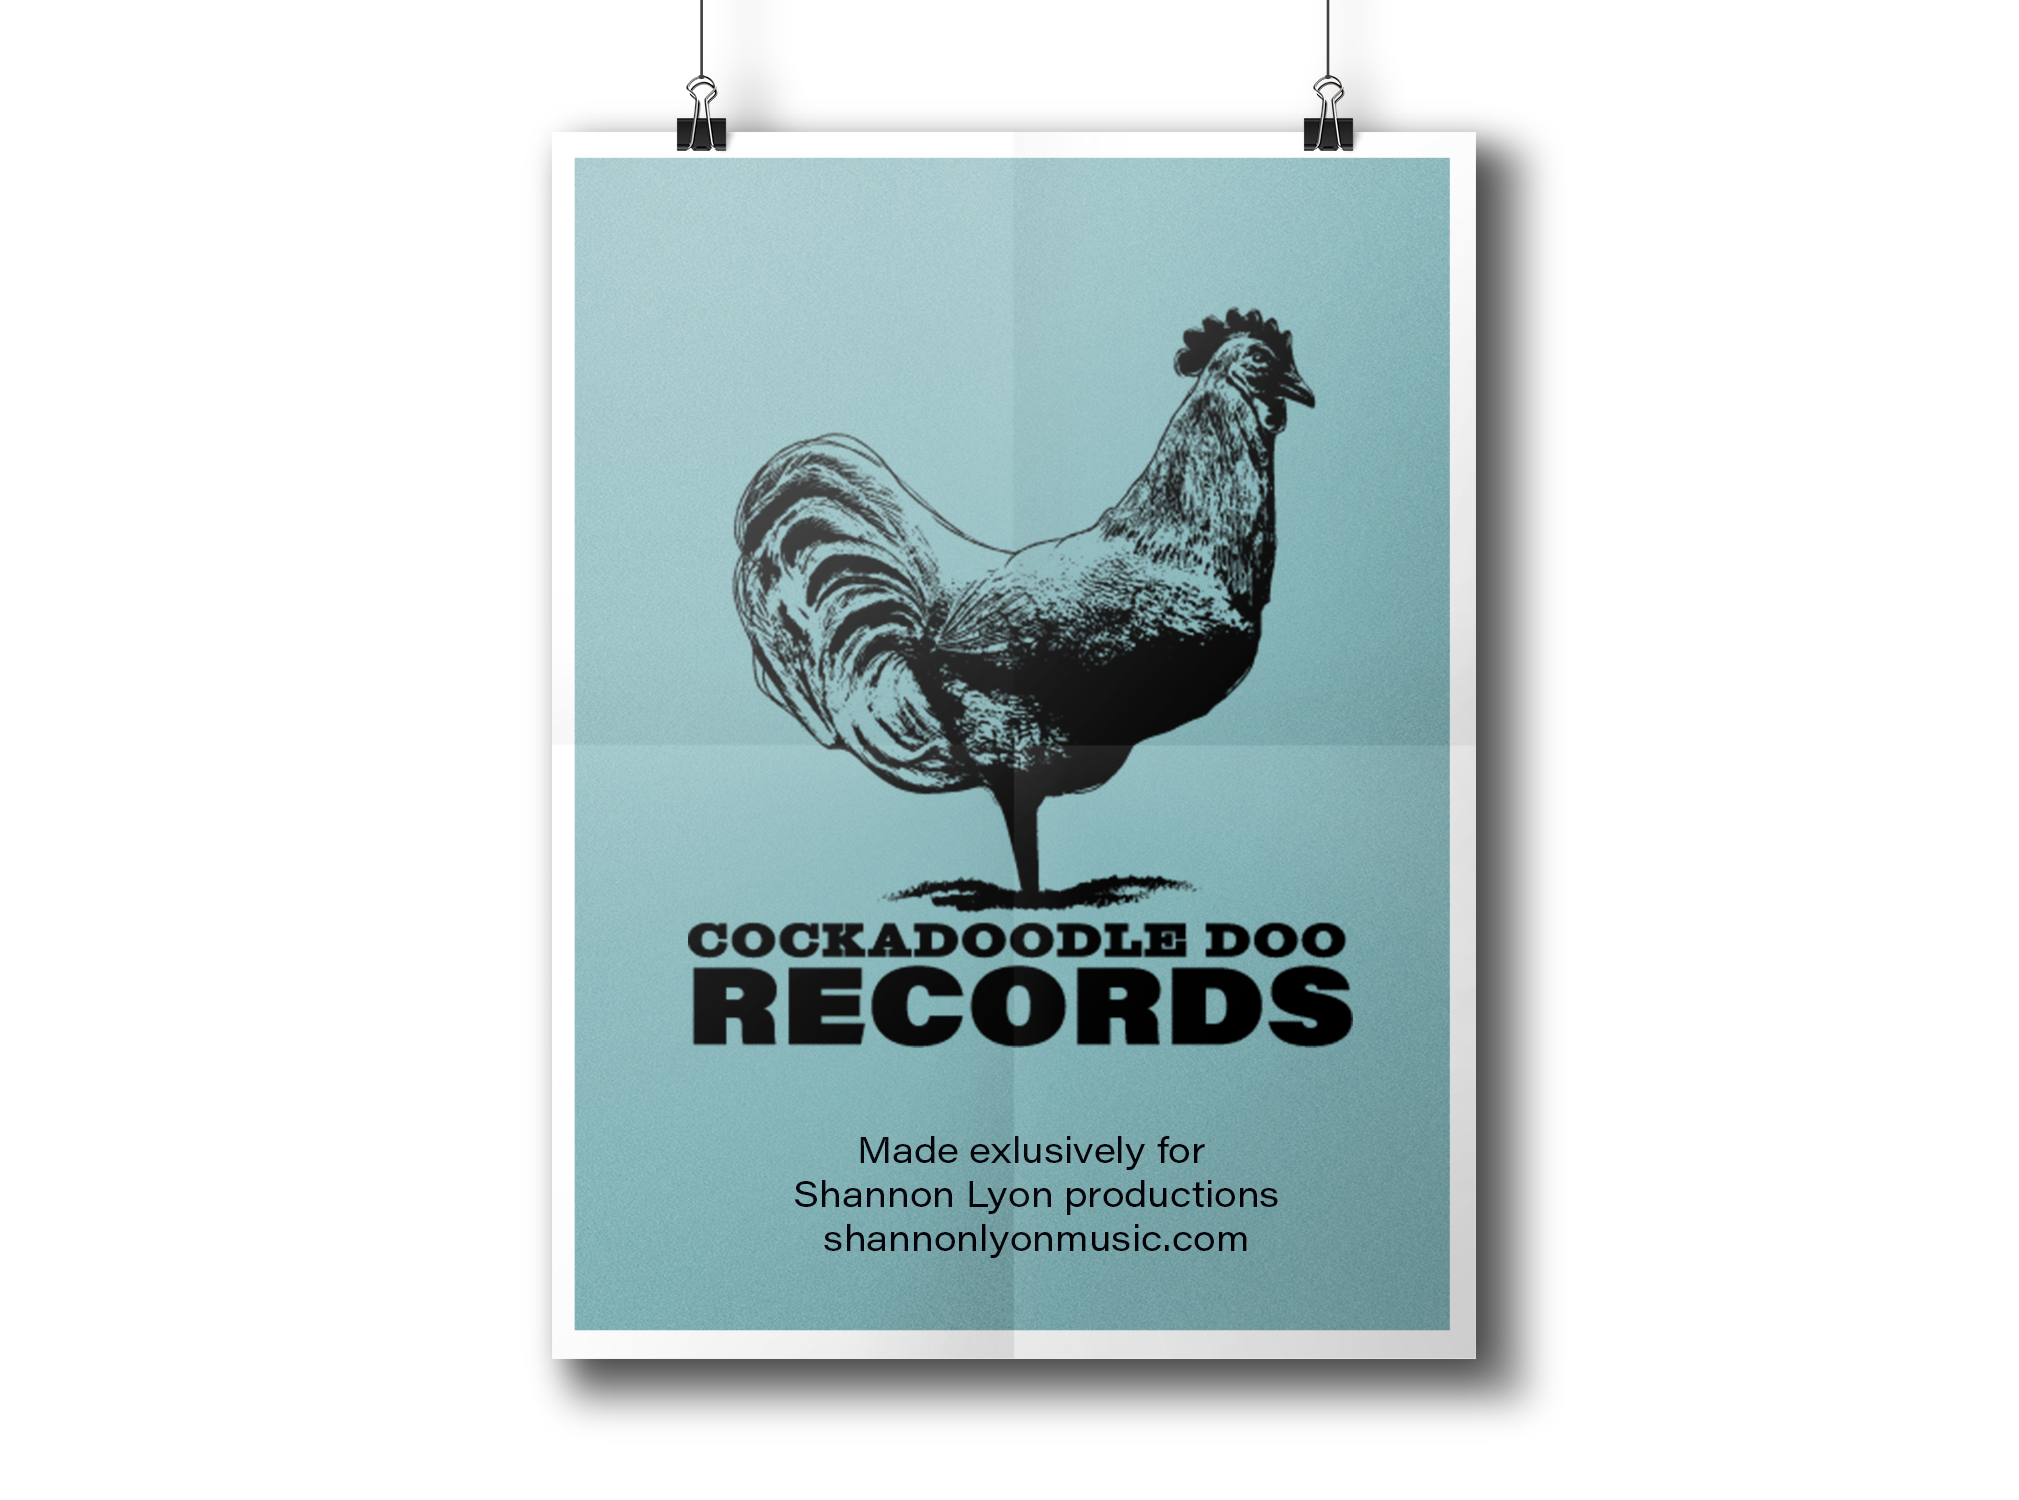 COCKADOODLE DOO RECORDS